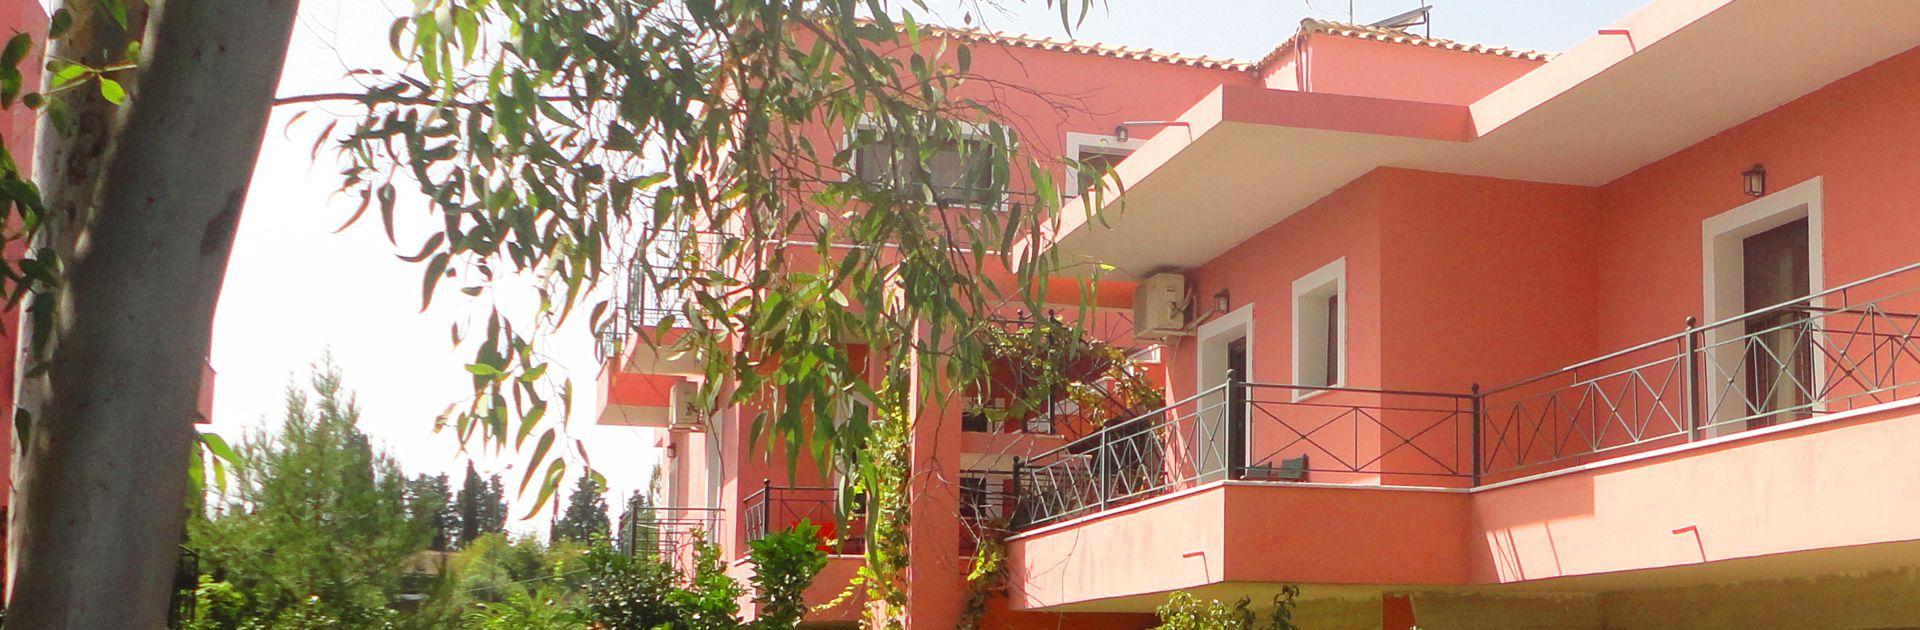 Aikaterini Apartments intérieur Prix Piscine Desjoyaux 6X3